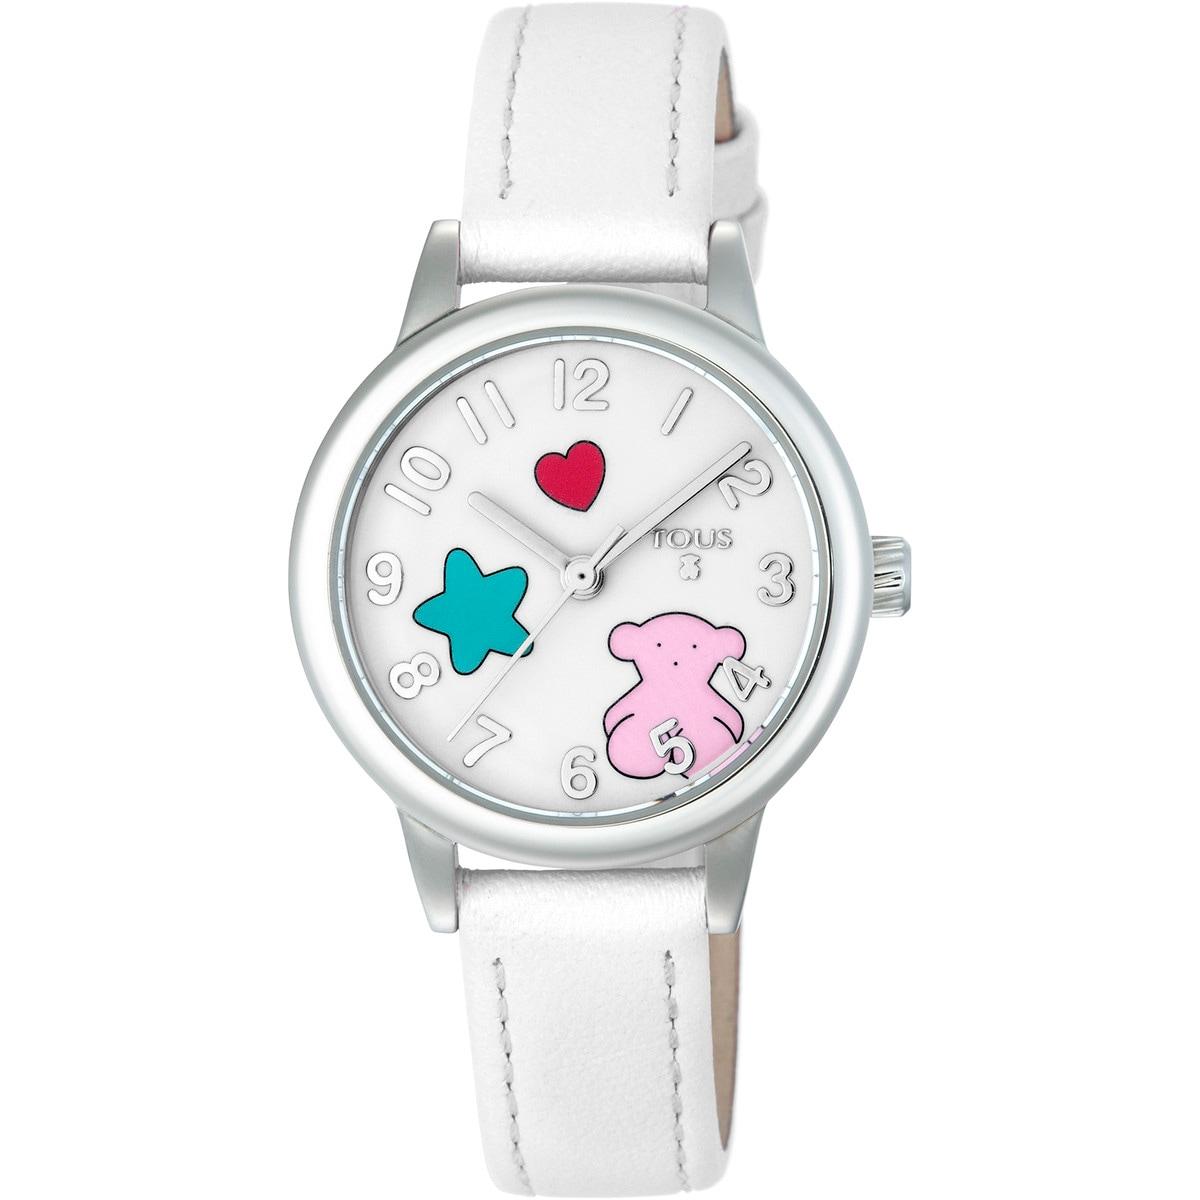 Relógio Muffin em Aço com correia de Pele branca